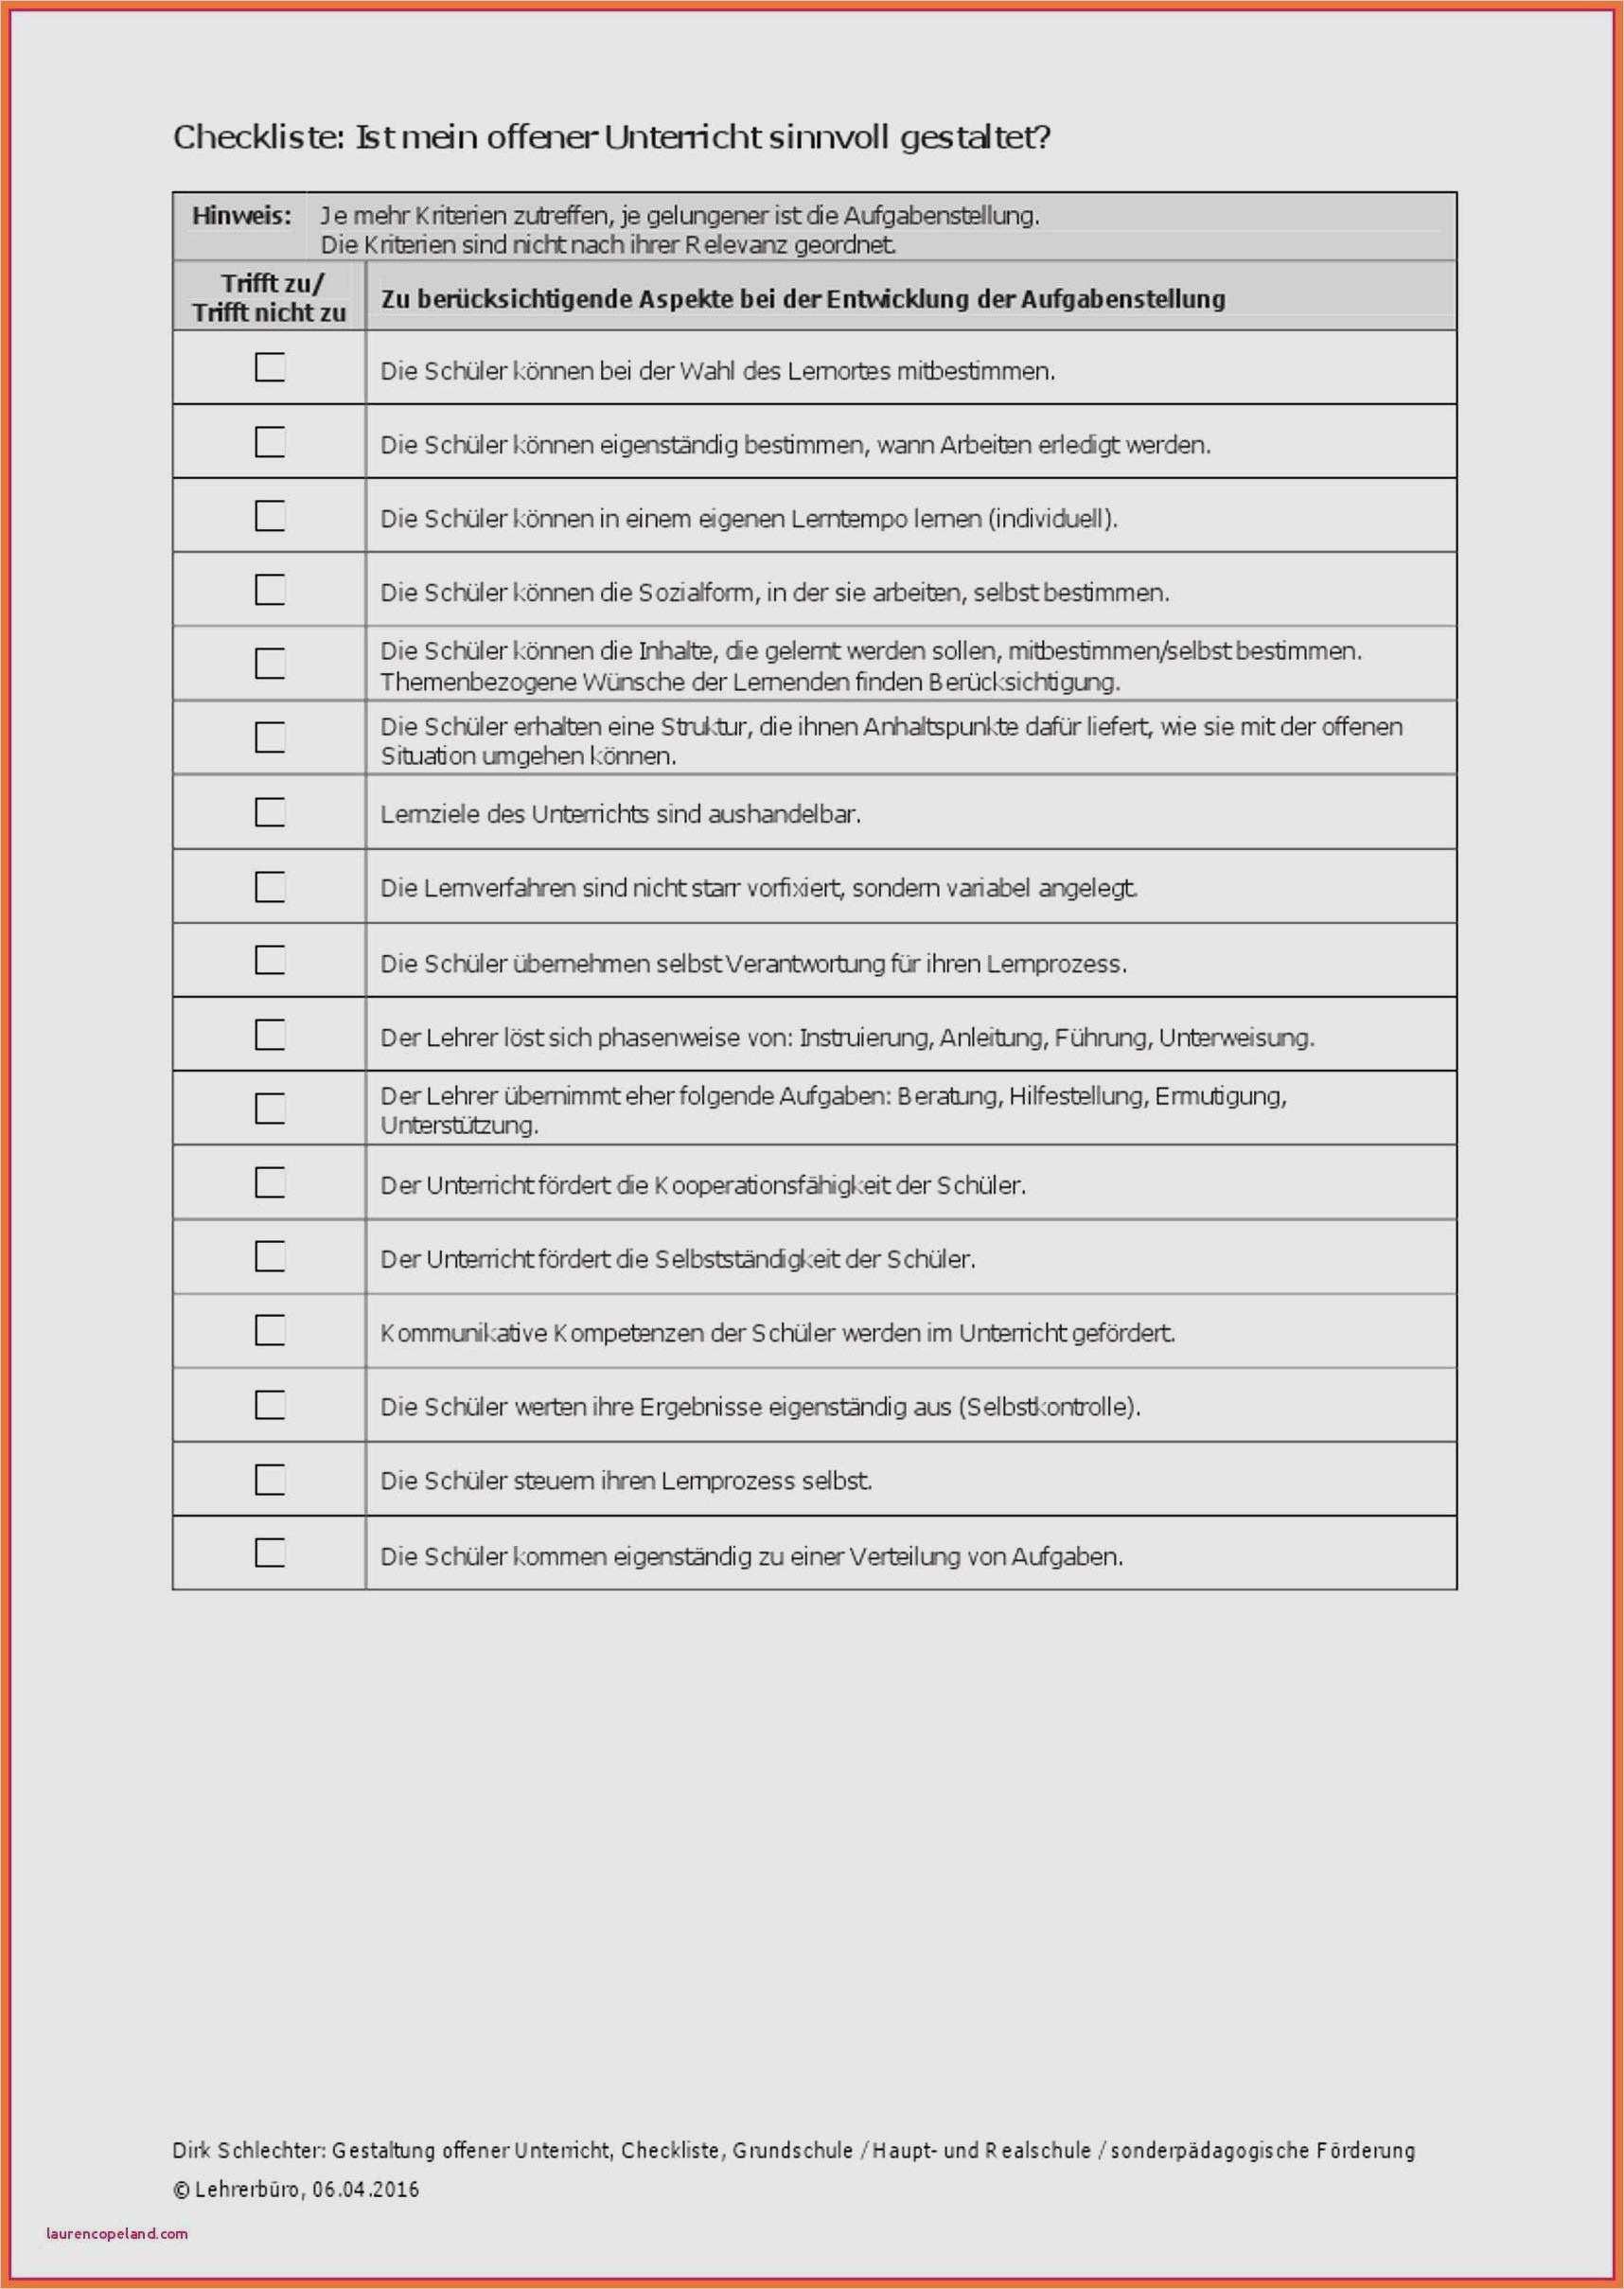 15 Schonste Betrieblicher Ausbildungsplan Vorlage Excel Solche Konnen Adaptieren Fur Ihre Erstaunlichen Kreativitat Dillyhearts Com